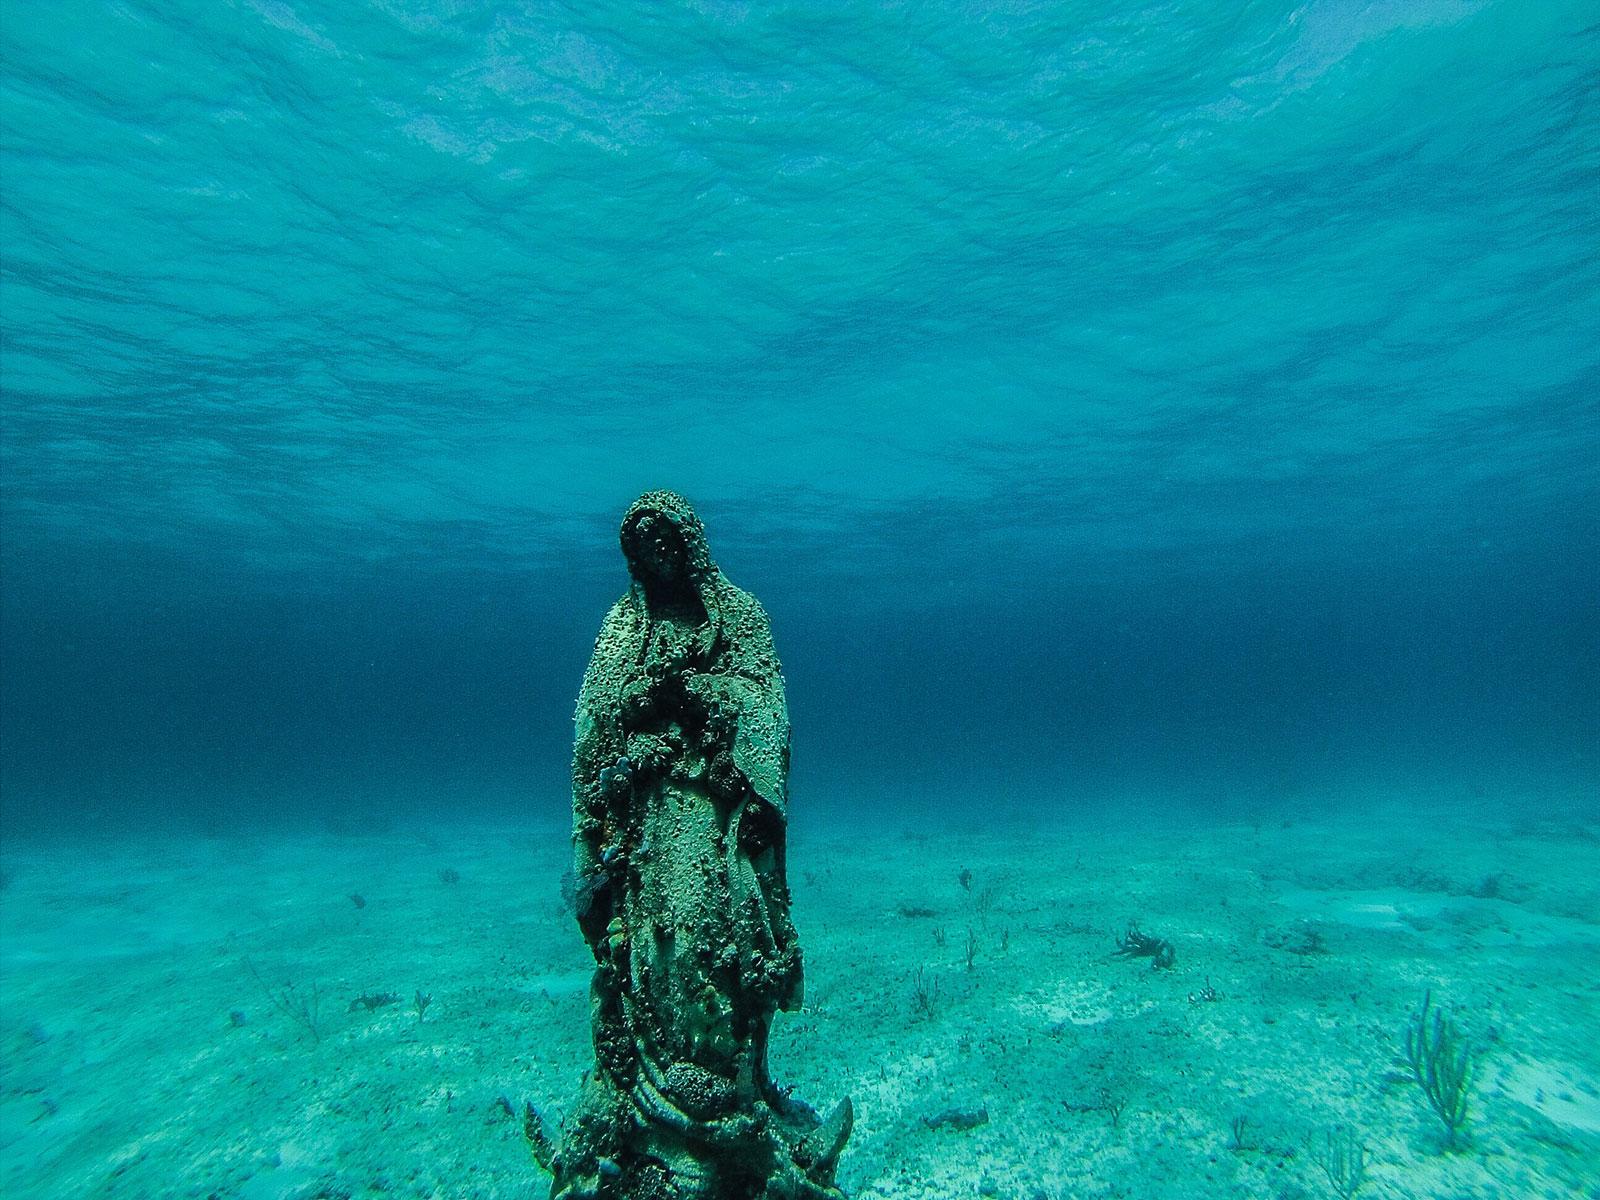 Жемчужная ферма Косумеля. Cтатуя Девы де Гуадалупе